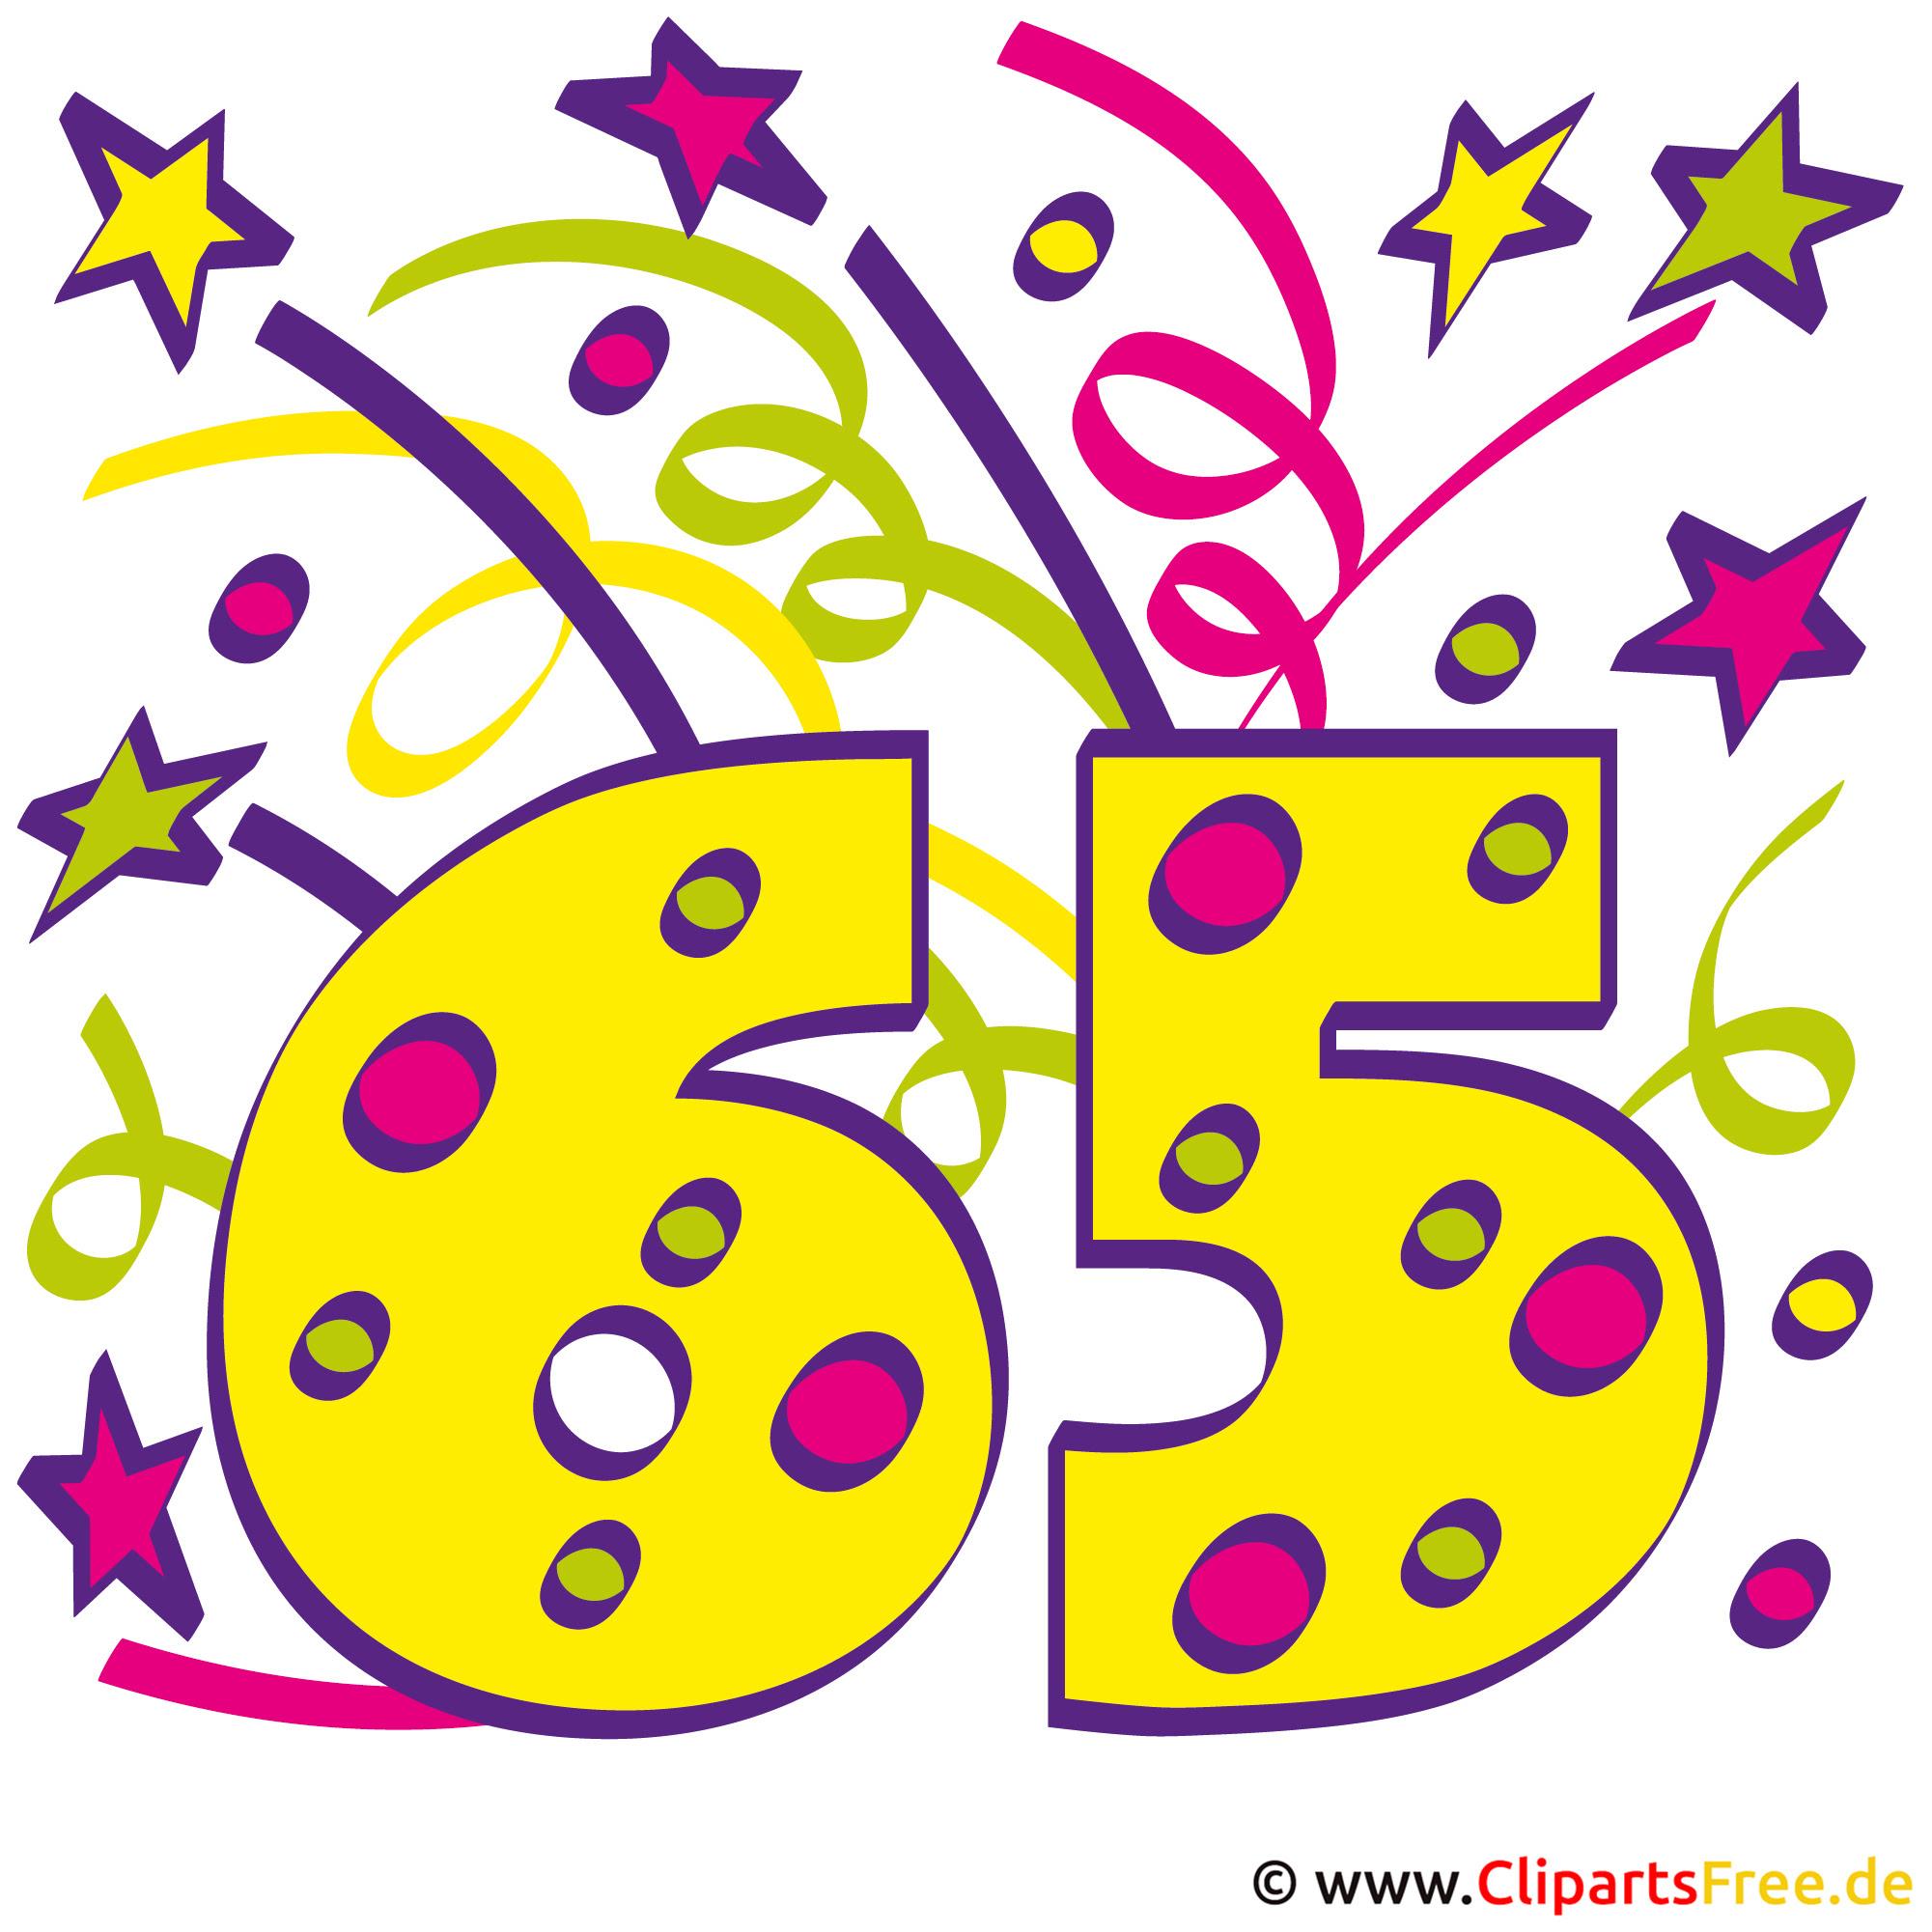 Gluckwunsche Zum 65 Geburtstag Mit 3d Buchstaben Und Sofamotiv